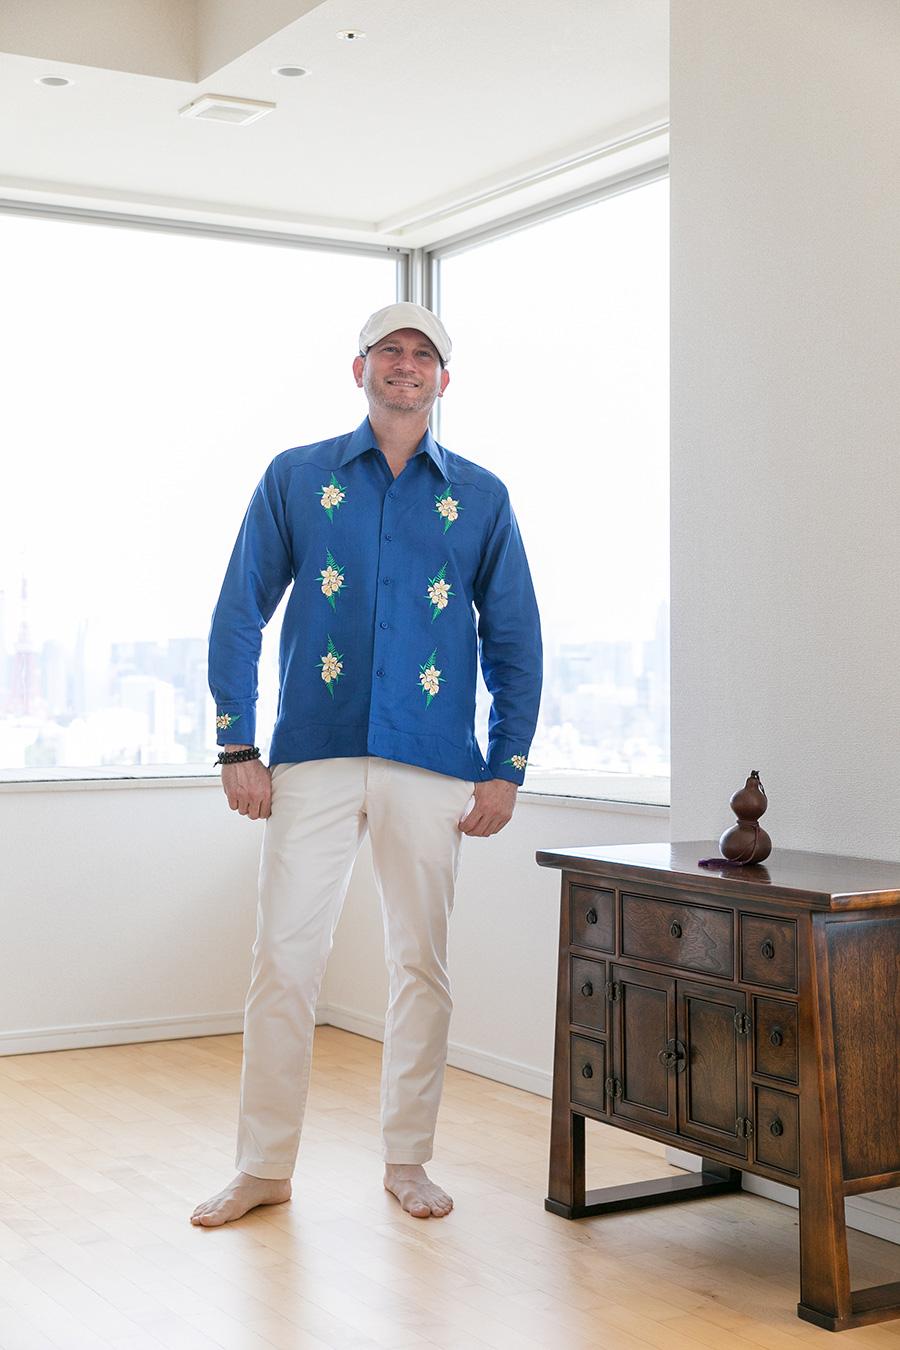 ニカラグアの衣装を身につけたコロネル大使は爽やかでダンディー。